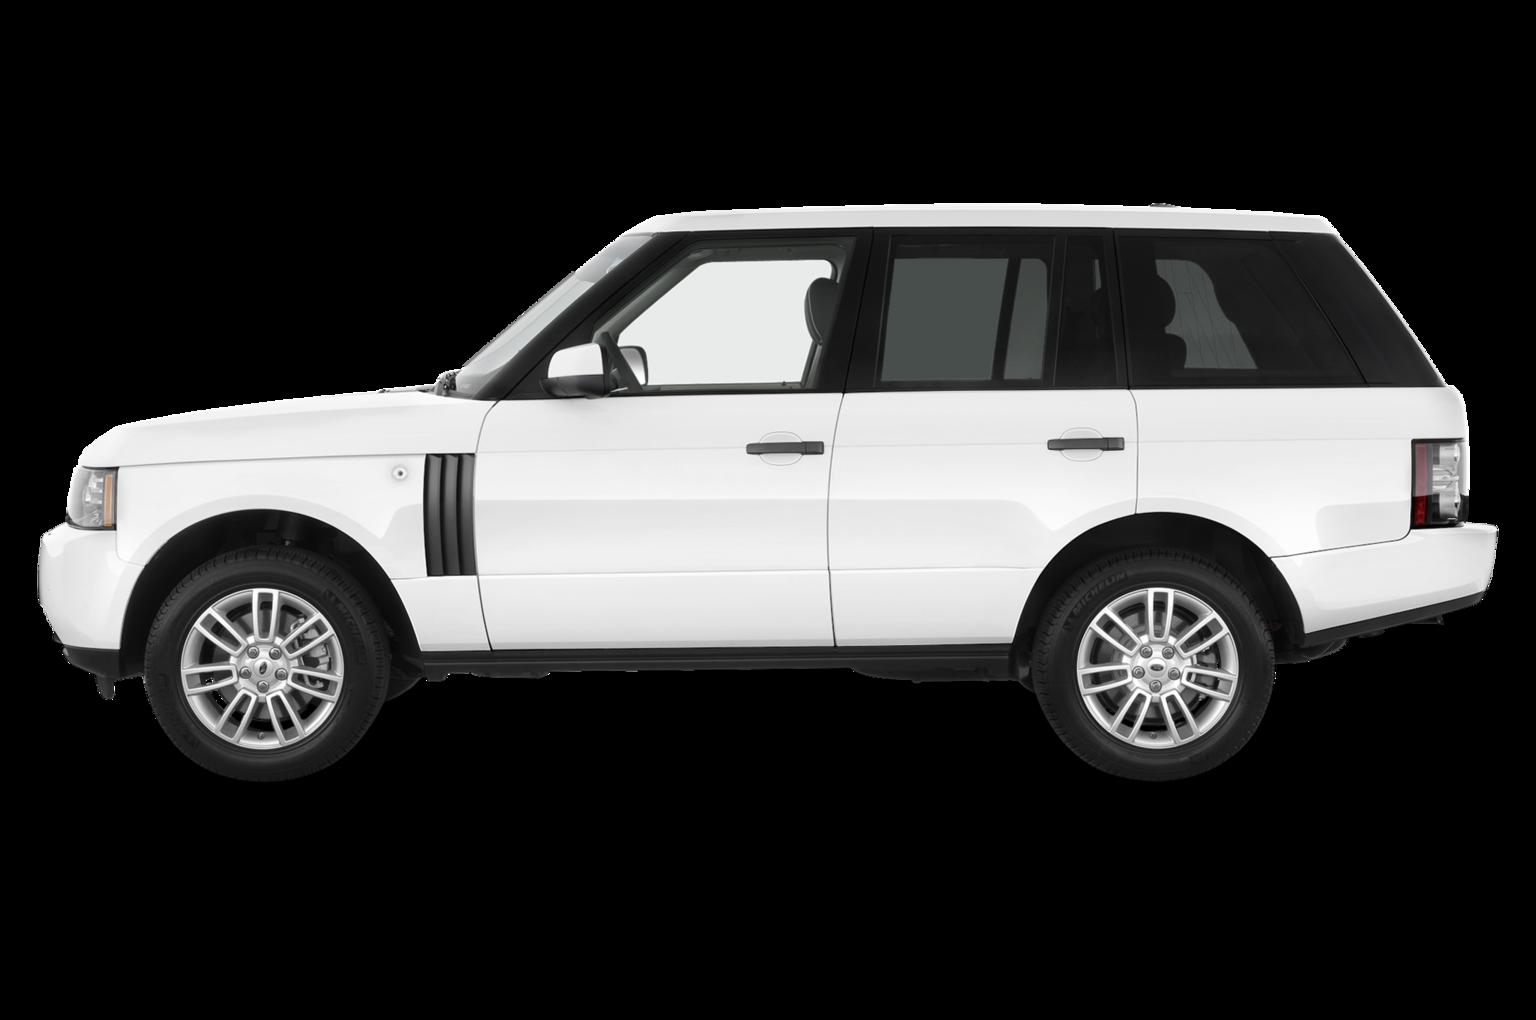 land rover range rover suv gebrauchtwagen neuwagen. Black Bedroom Furniture Sets. Home Design Ideas